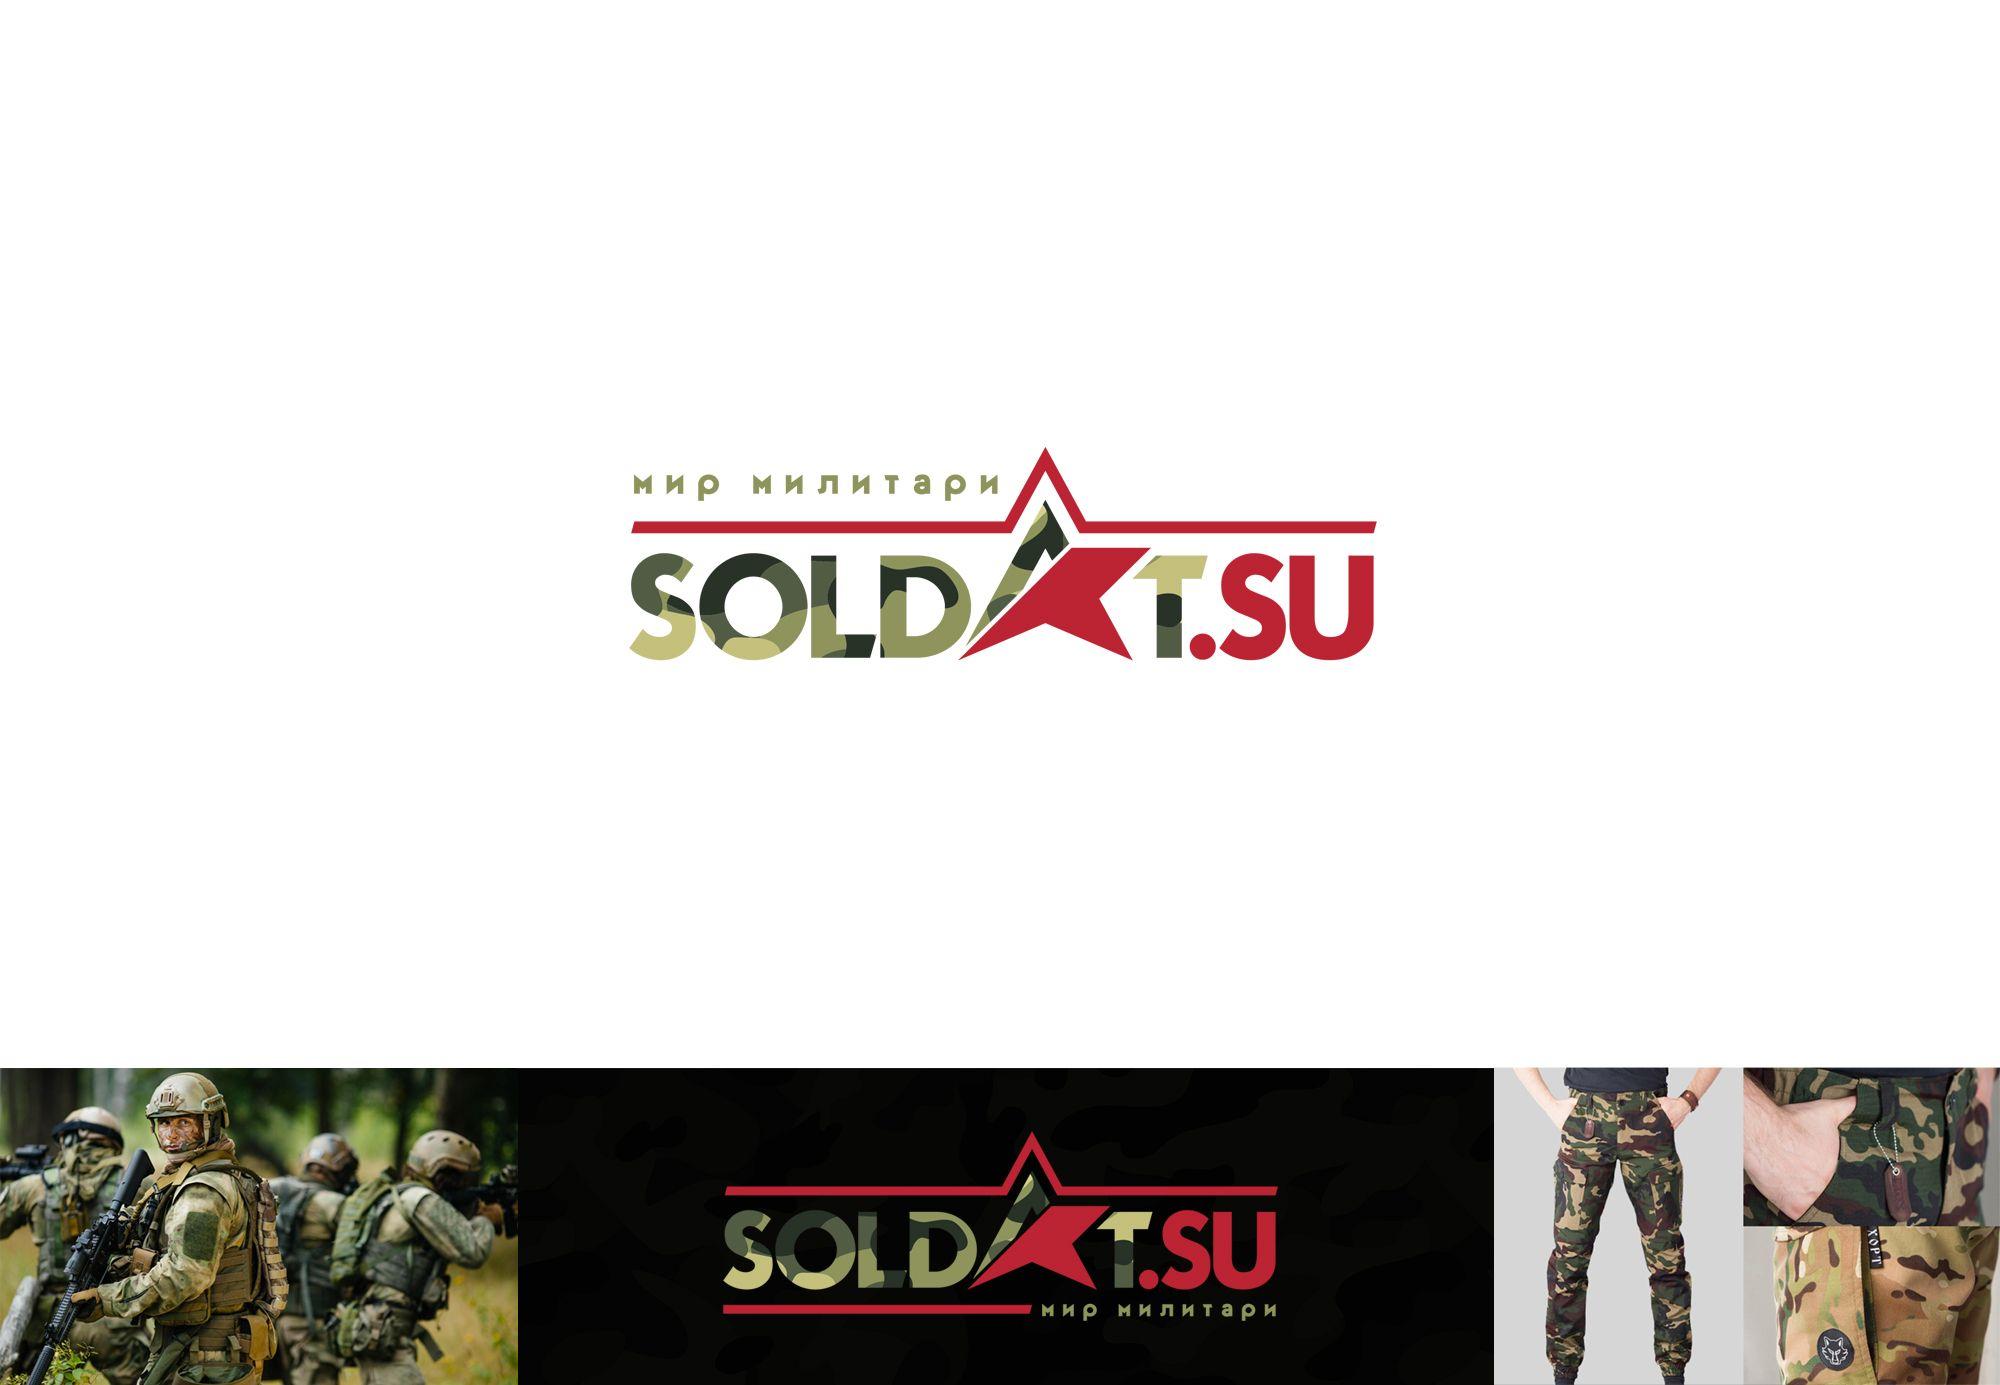 Лого и фирменный стиль для SOLDAT.SU - дизайнер Elshan